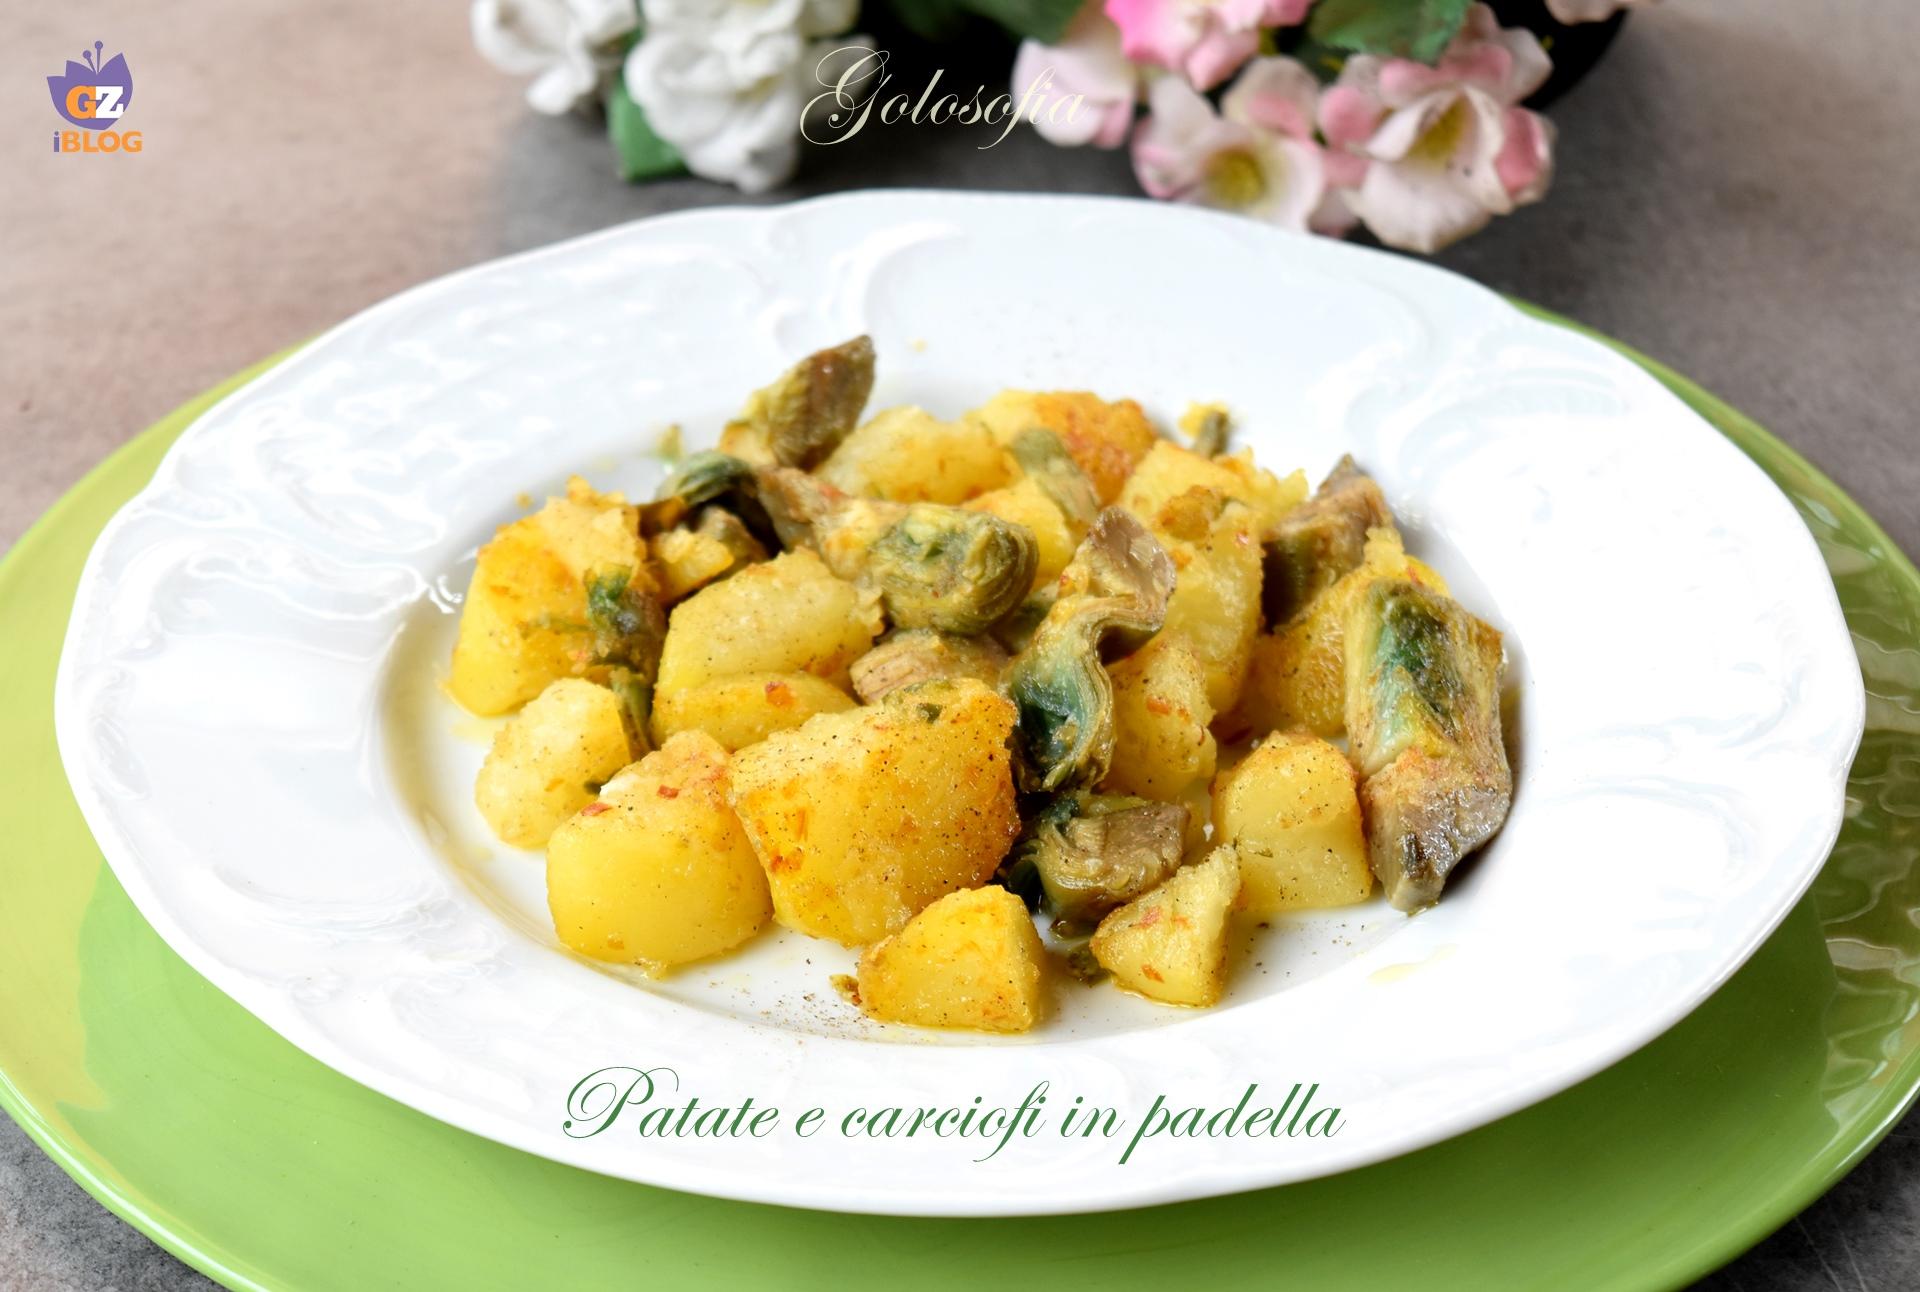 Patate e carciofi in padella-ricetta contorni-golosofia